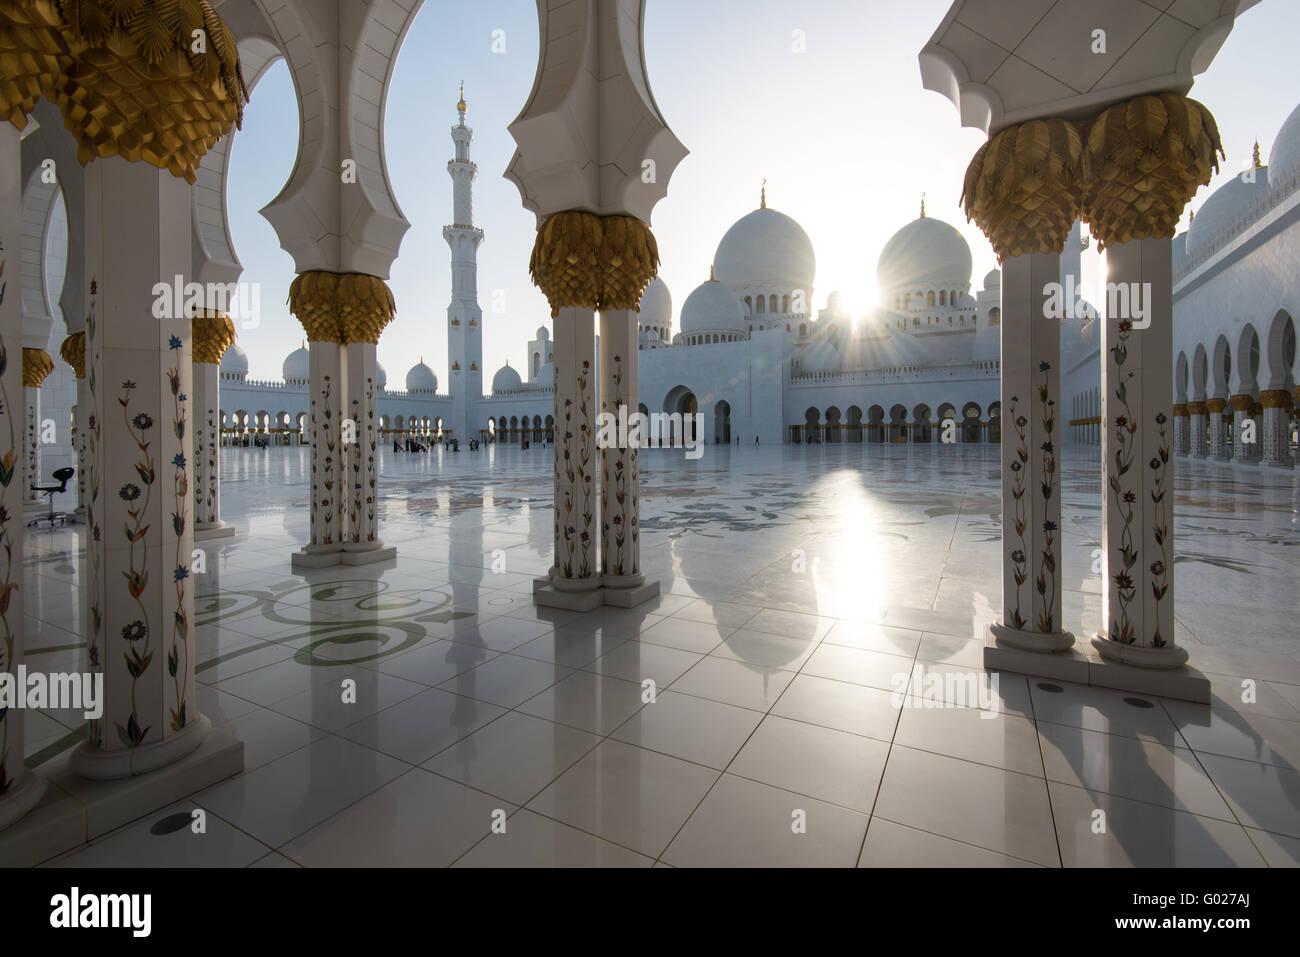 Abu Dhabi, Scheich Zayed Grand Moschee. Stockbild